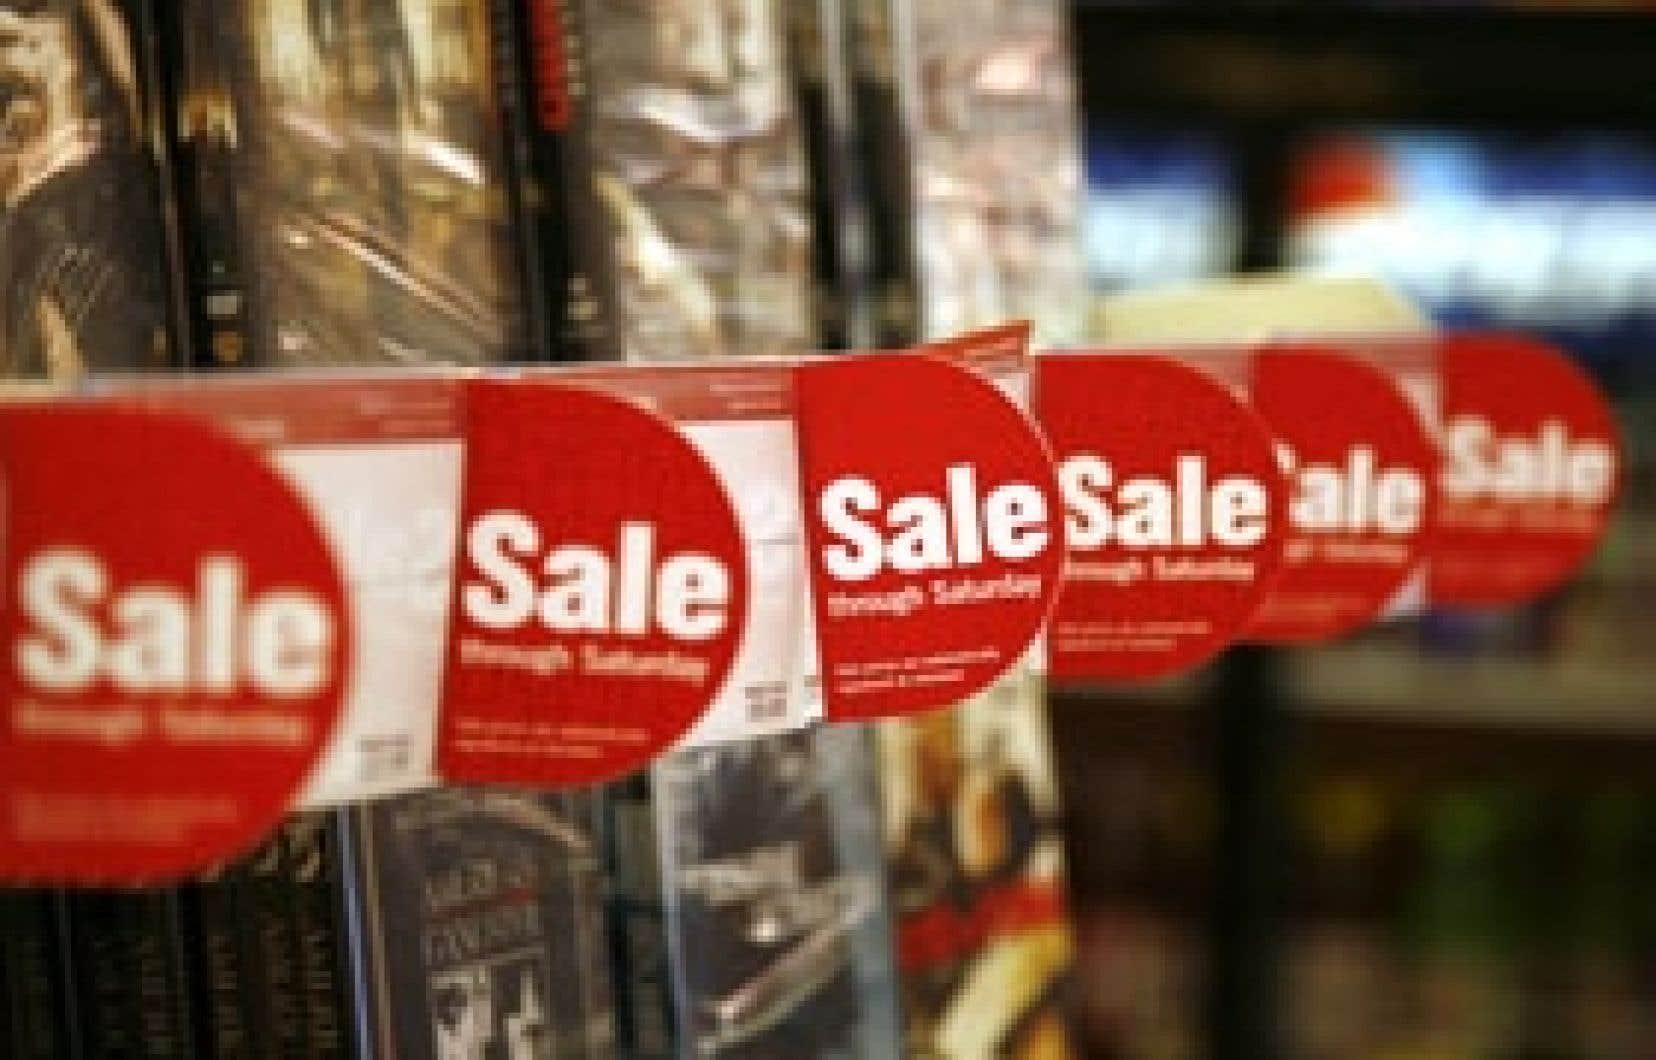 Aux États-Unis, la consommation a plongé de 4,3 %, contribuant négativement à l'évolution du PIB.